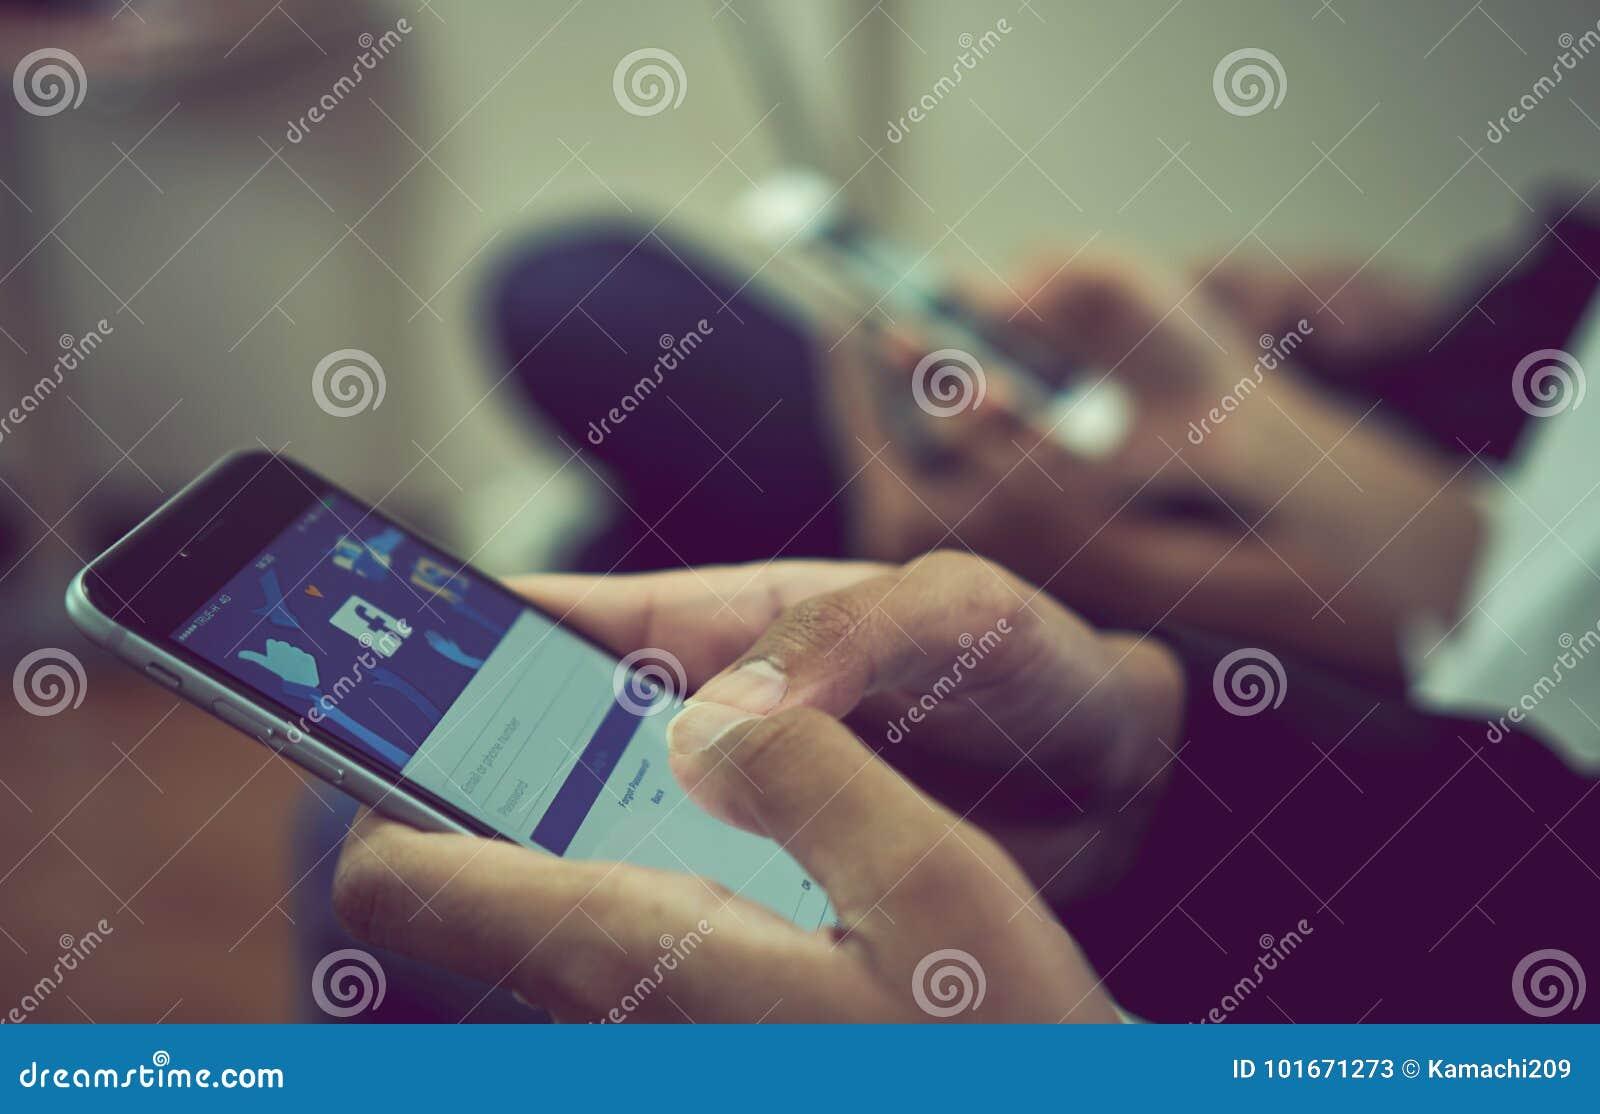 Bangkok, Tailandia - 11 de octubre de 2017: la mano está presionando la pantalla de Facebook en la manzana iphone6